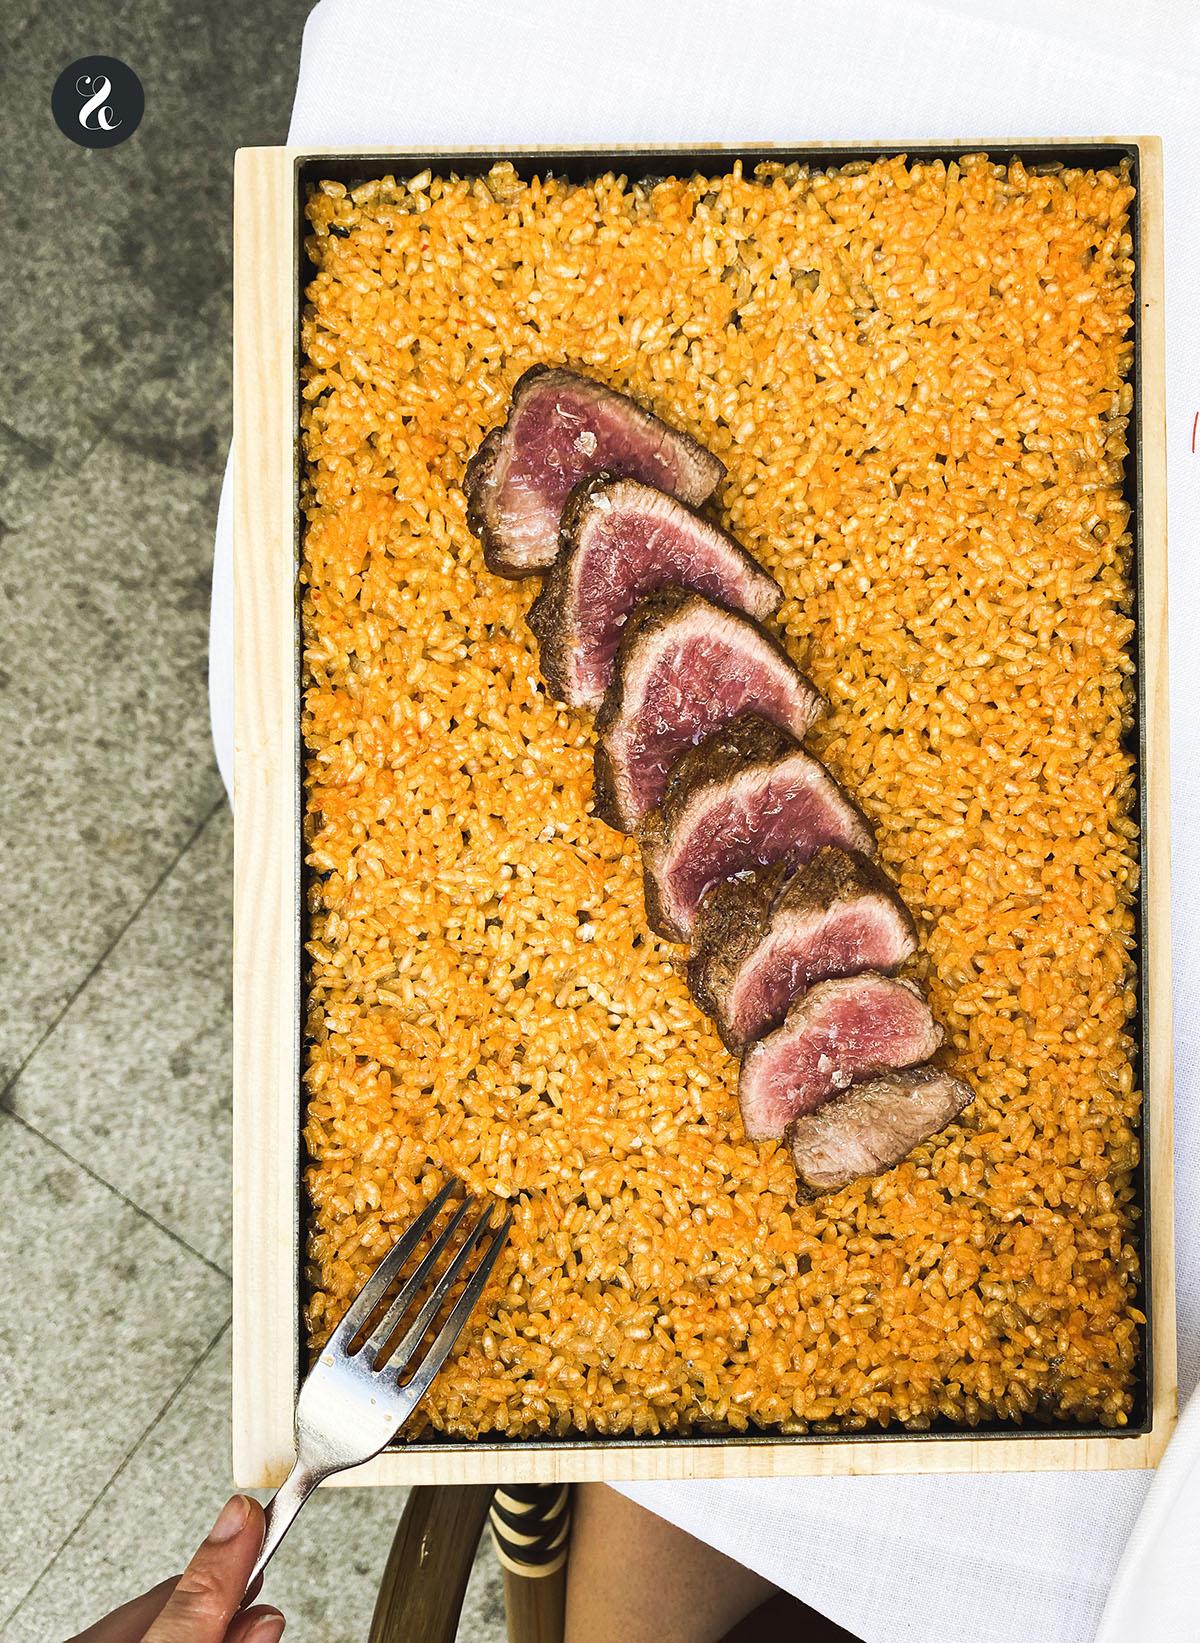 arroz de presa ibérica - Casa Orellana - Madrid